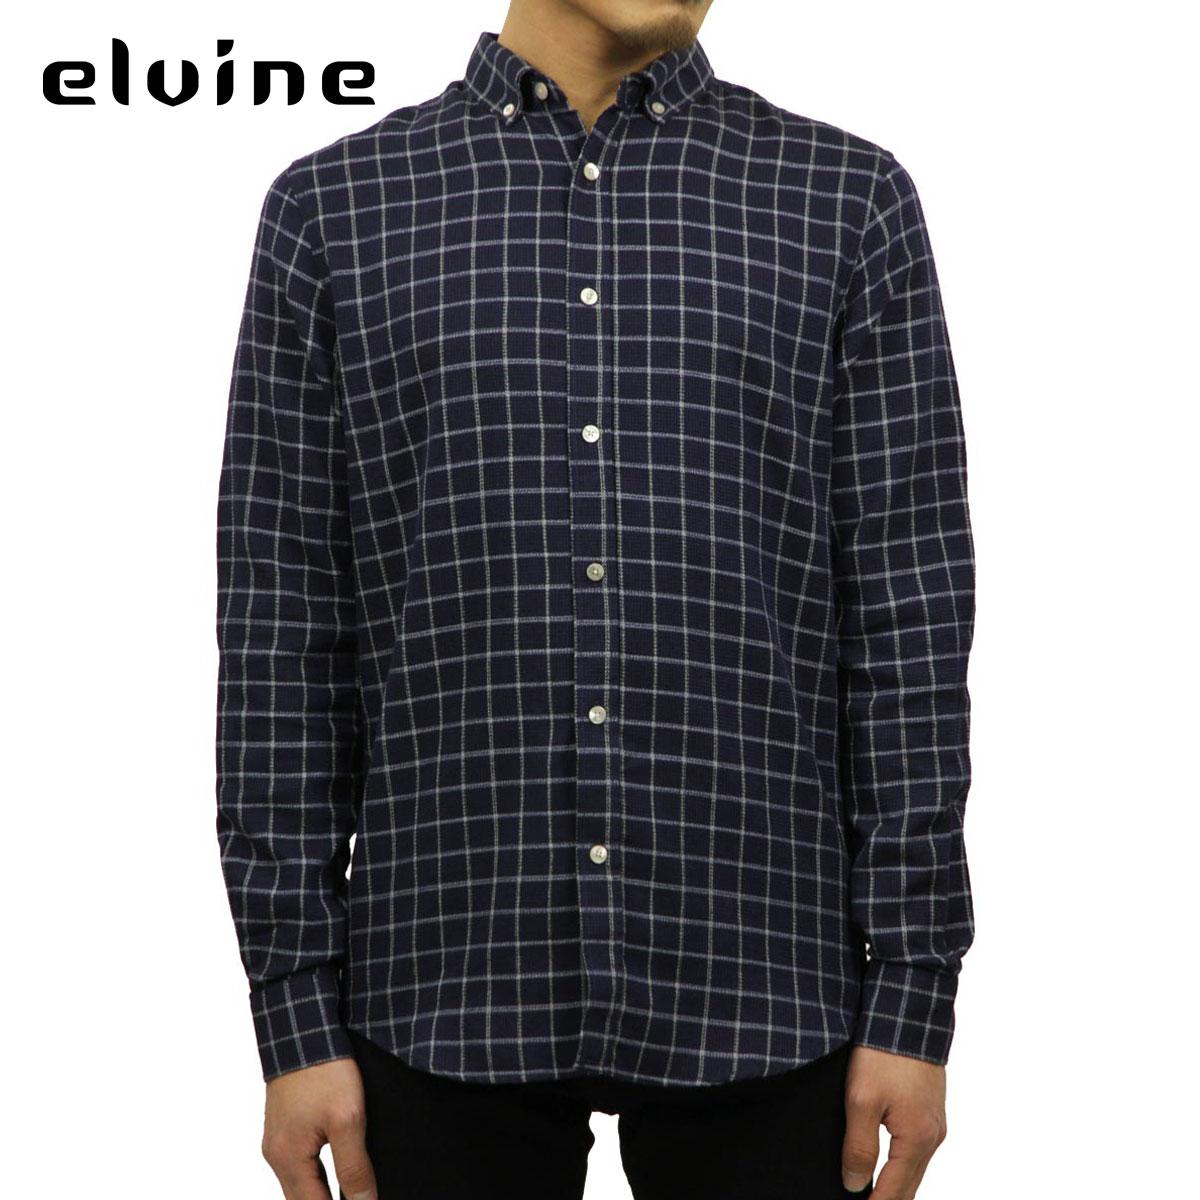 エルバイン elvine 正規販売店 メンズ 長袖シャツ CHECK SHIRT1404717 dk blue check D15S25